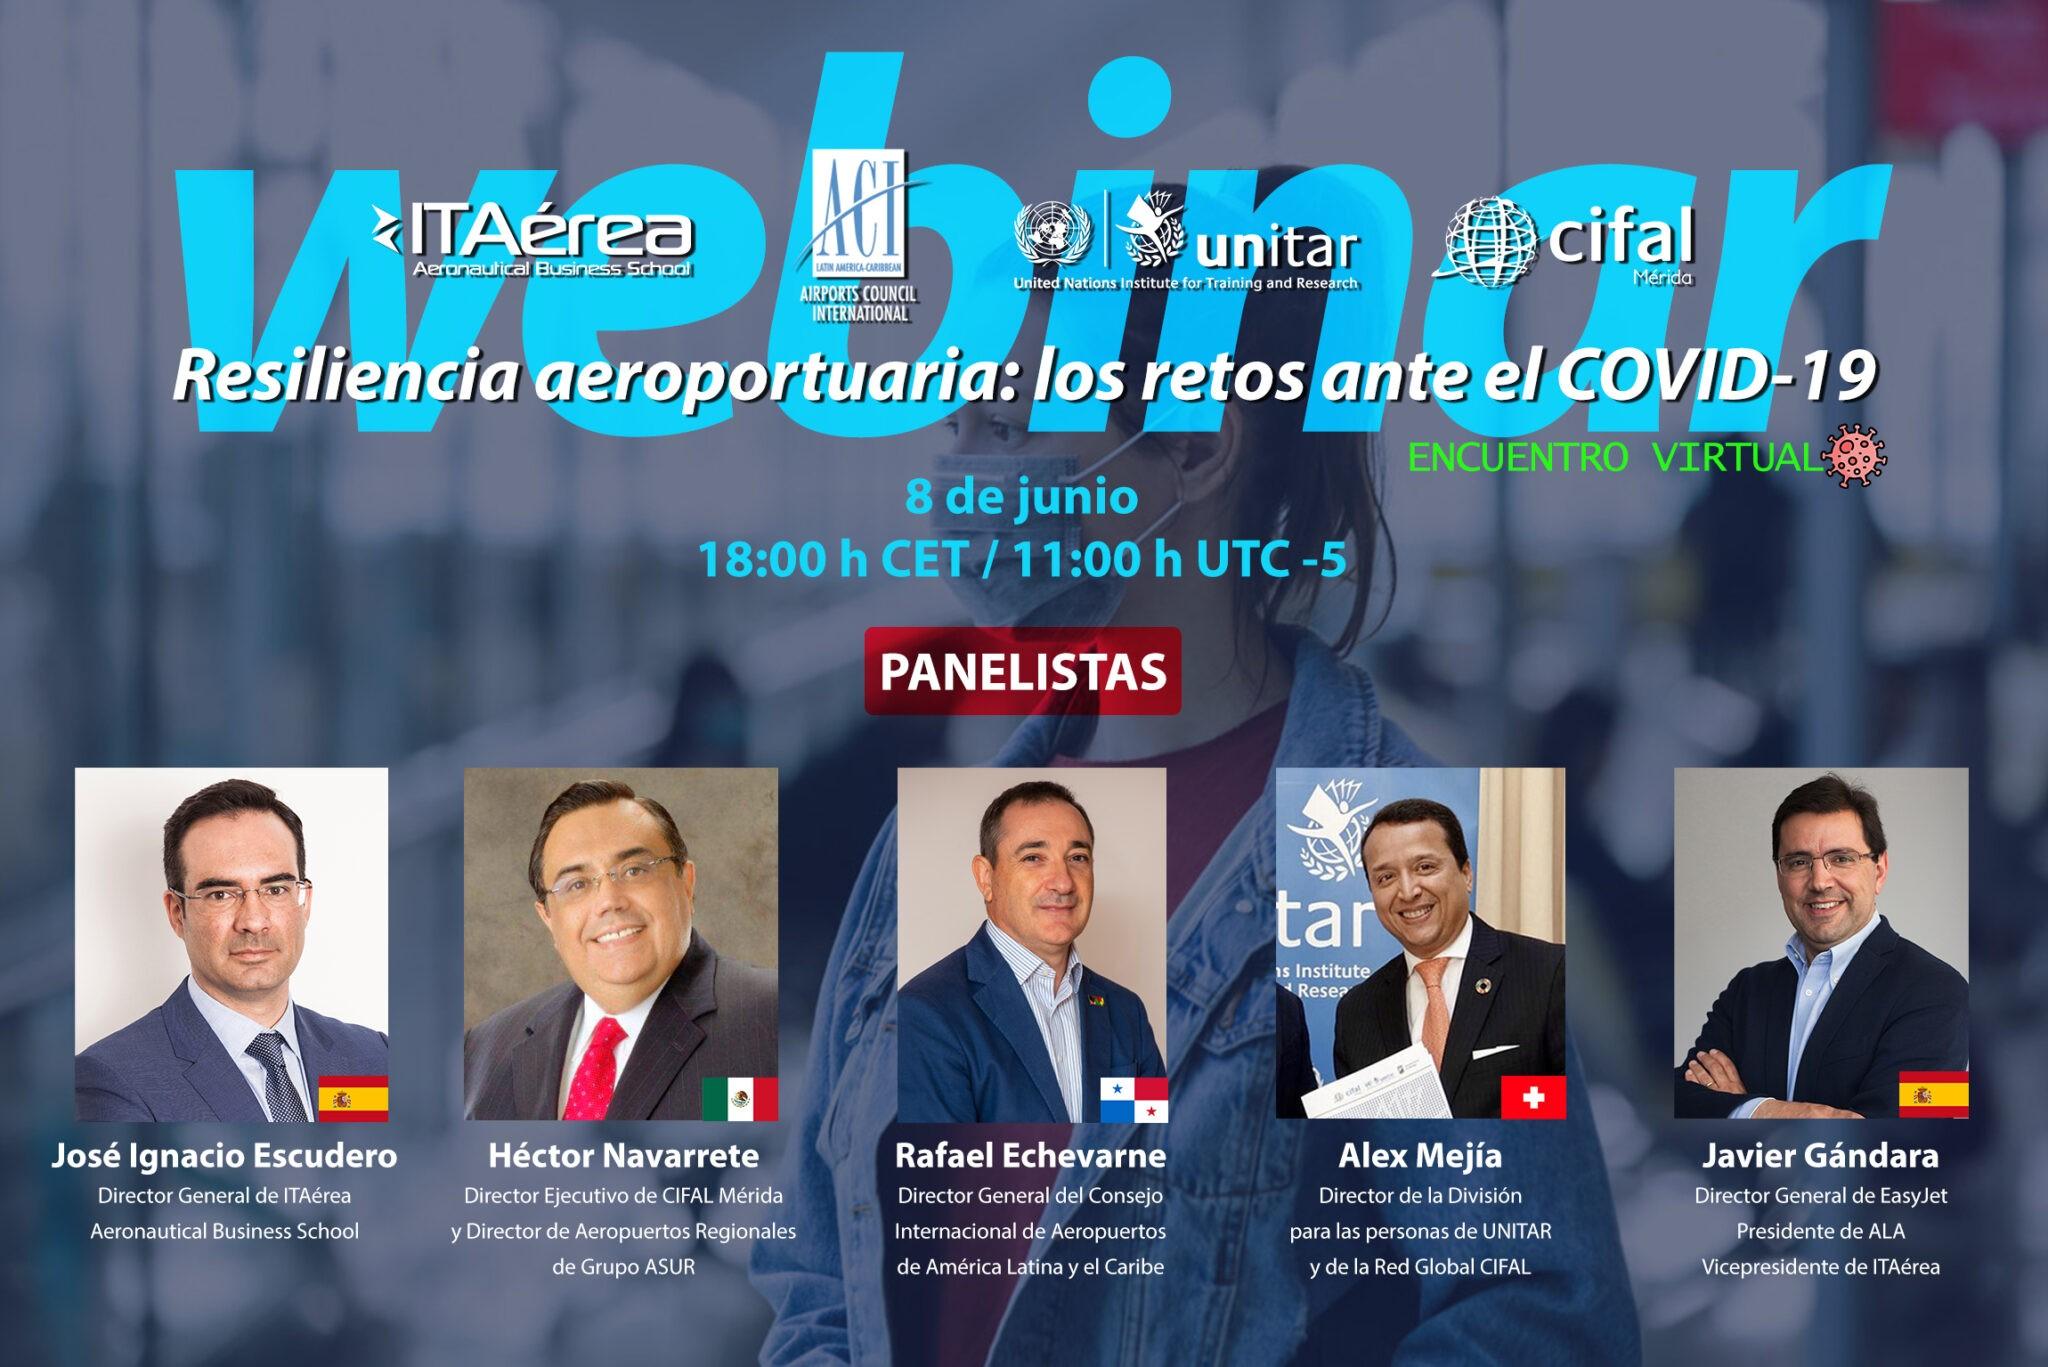 WEBINAR ACI LAC 8 junio 2 - V Encuentro Sectorial: Aeropuertos